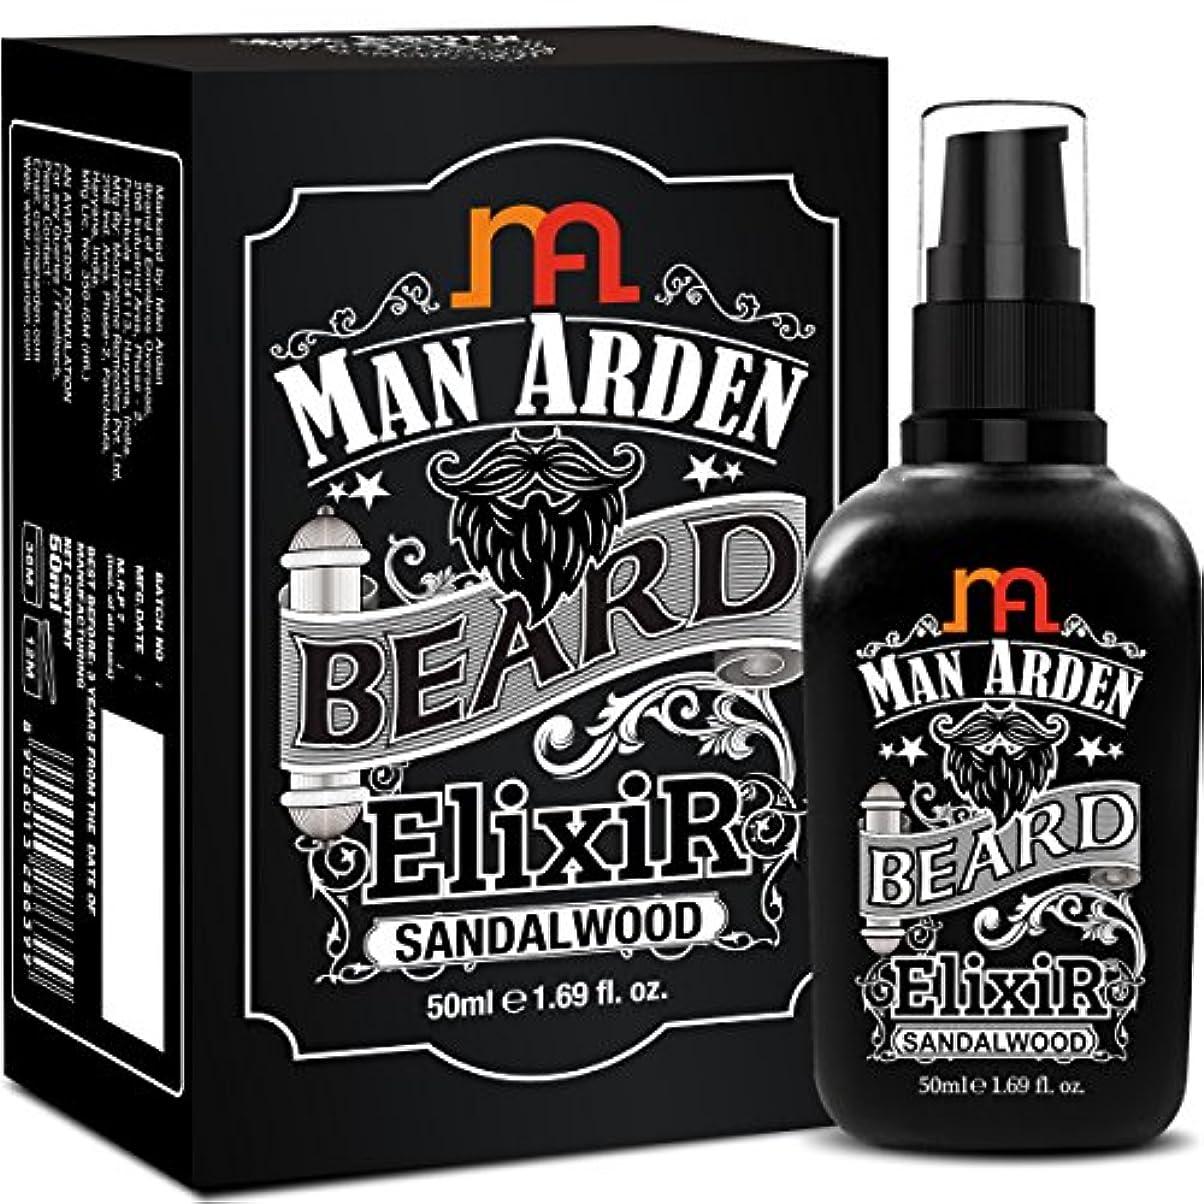 イヤホン正義通りMan Arden Beard Elixir Oil 50ml (Sandalwood) - 7 Oils Blend For Beard Repair, Growth & Nourishment8906013286399